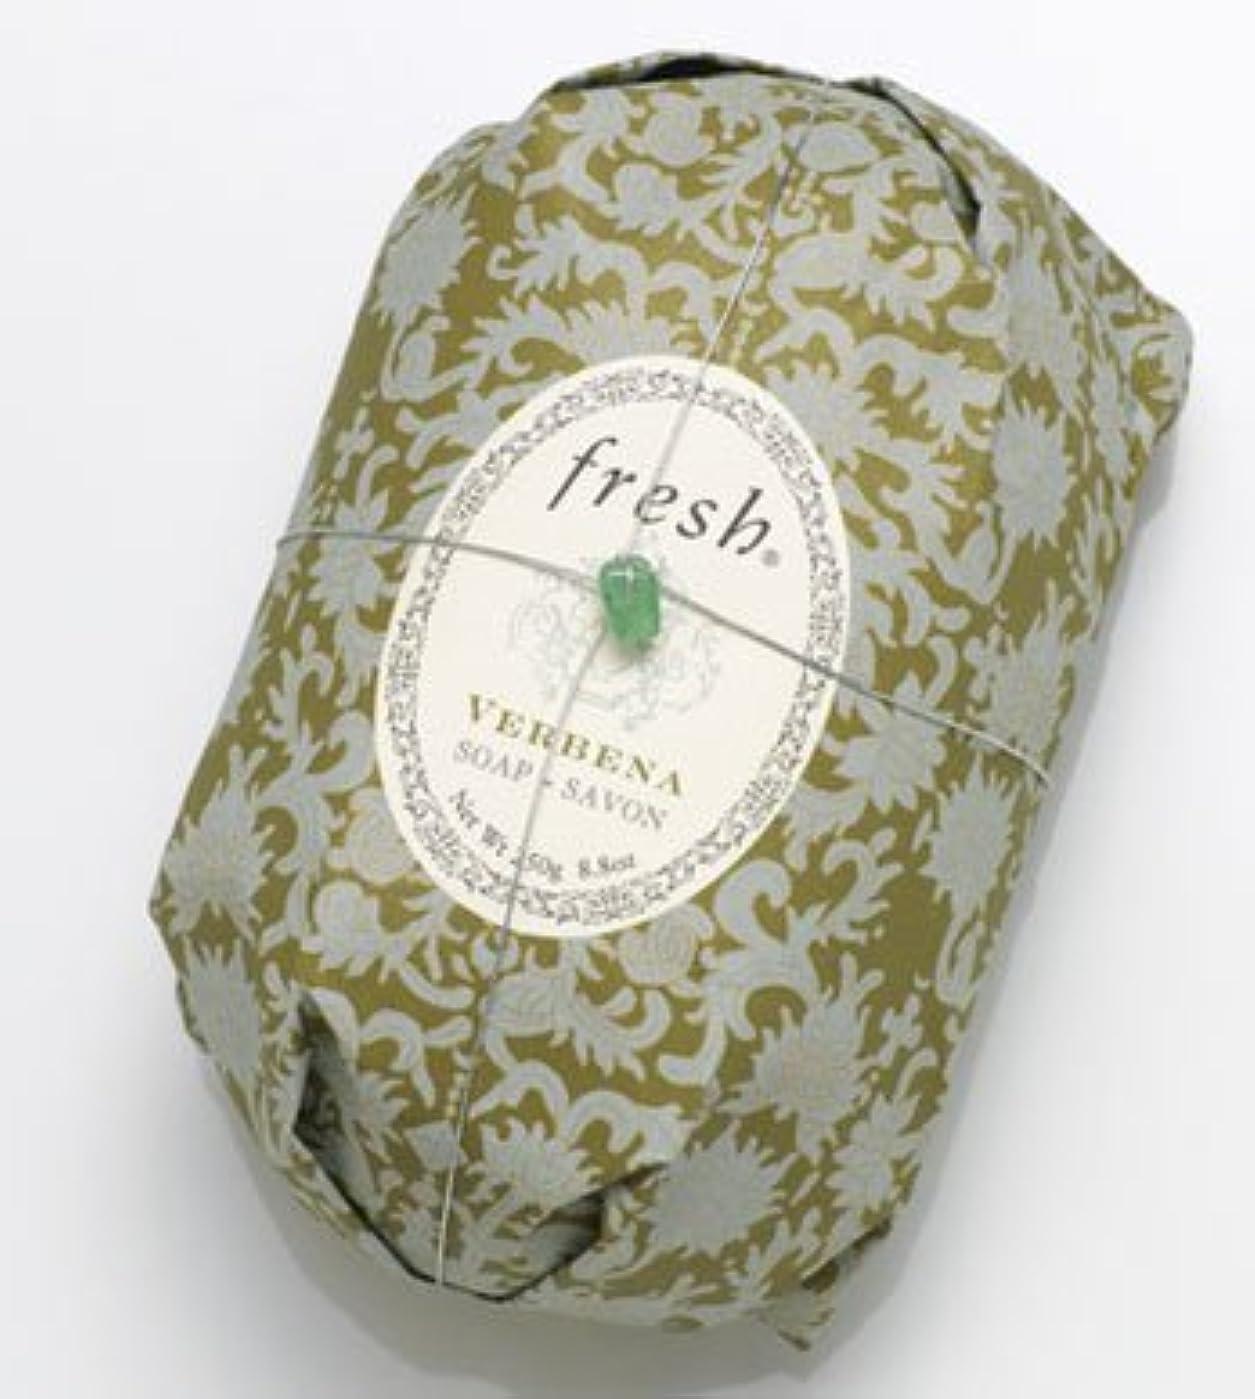 アンビエント居間プレビスサイトFresh VERBENA SOAP (フレッシュ バーベナ ソープ) 8.8 oz (250g) Soap (石鹸) by Fresh